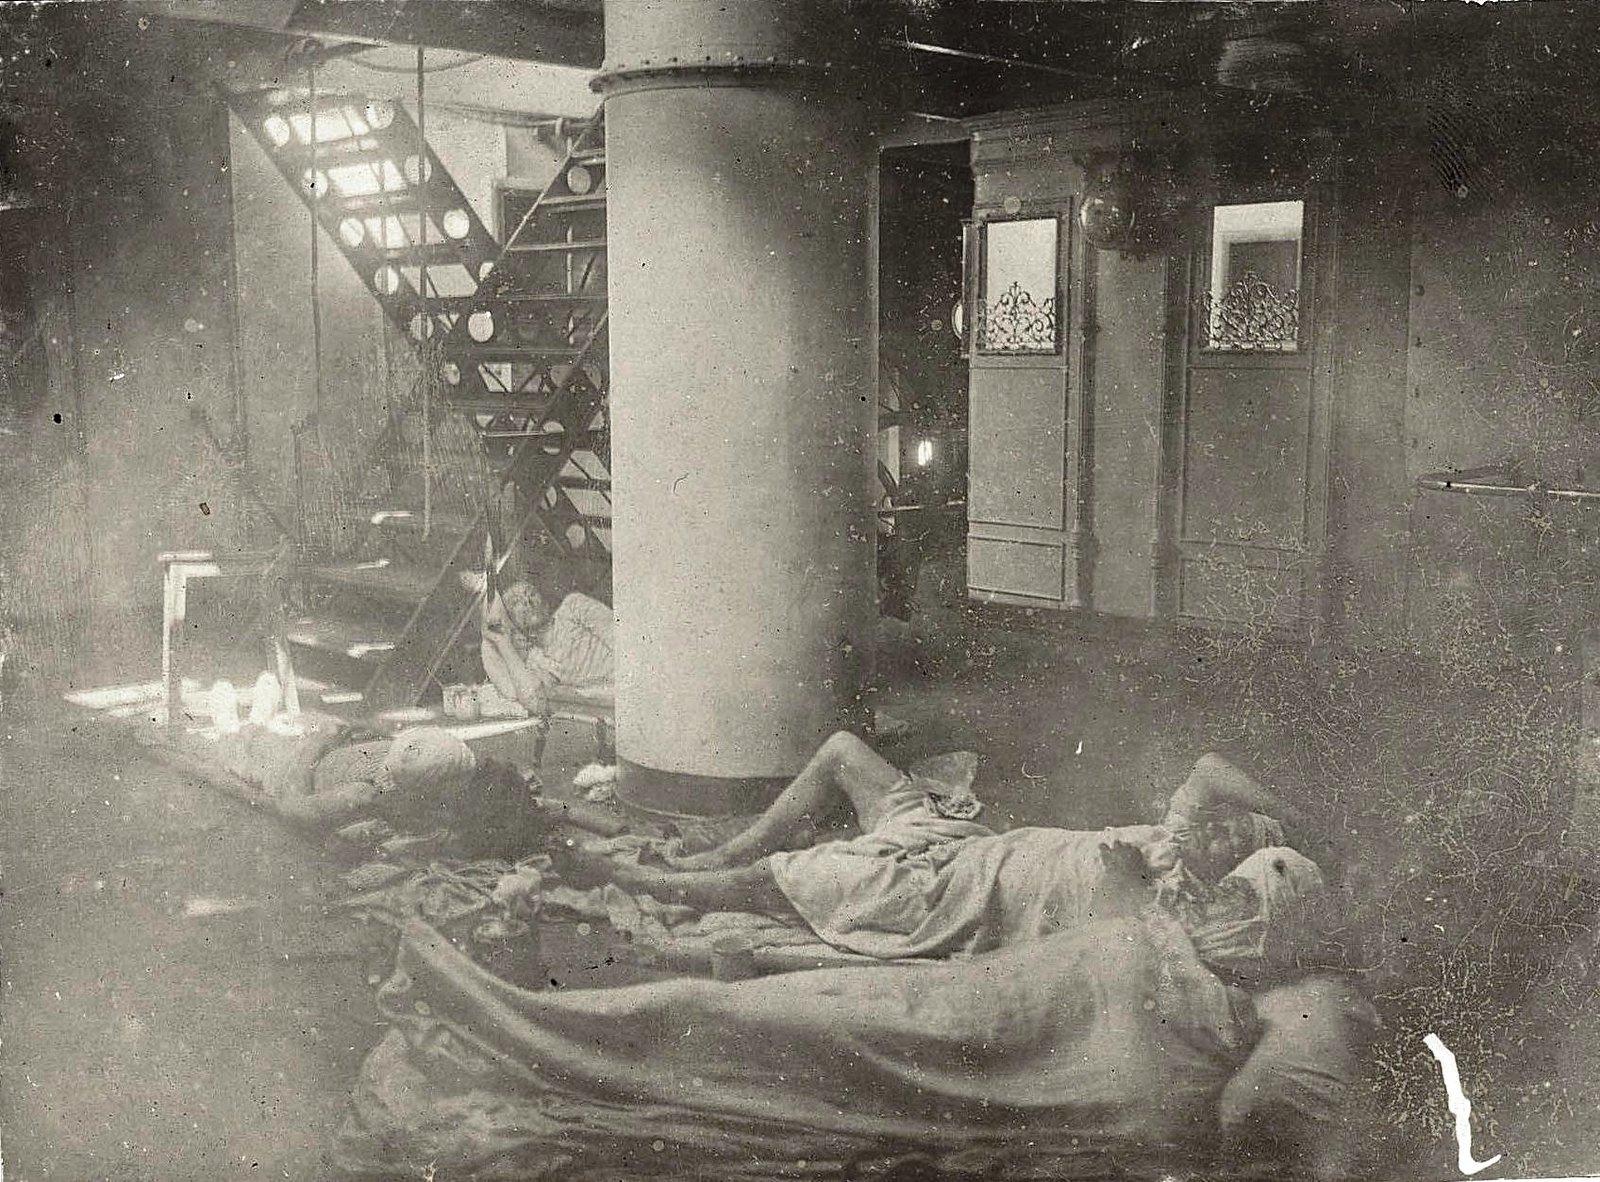 Раненые на полу внутри корабля